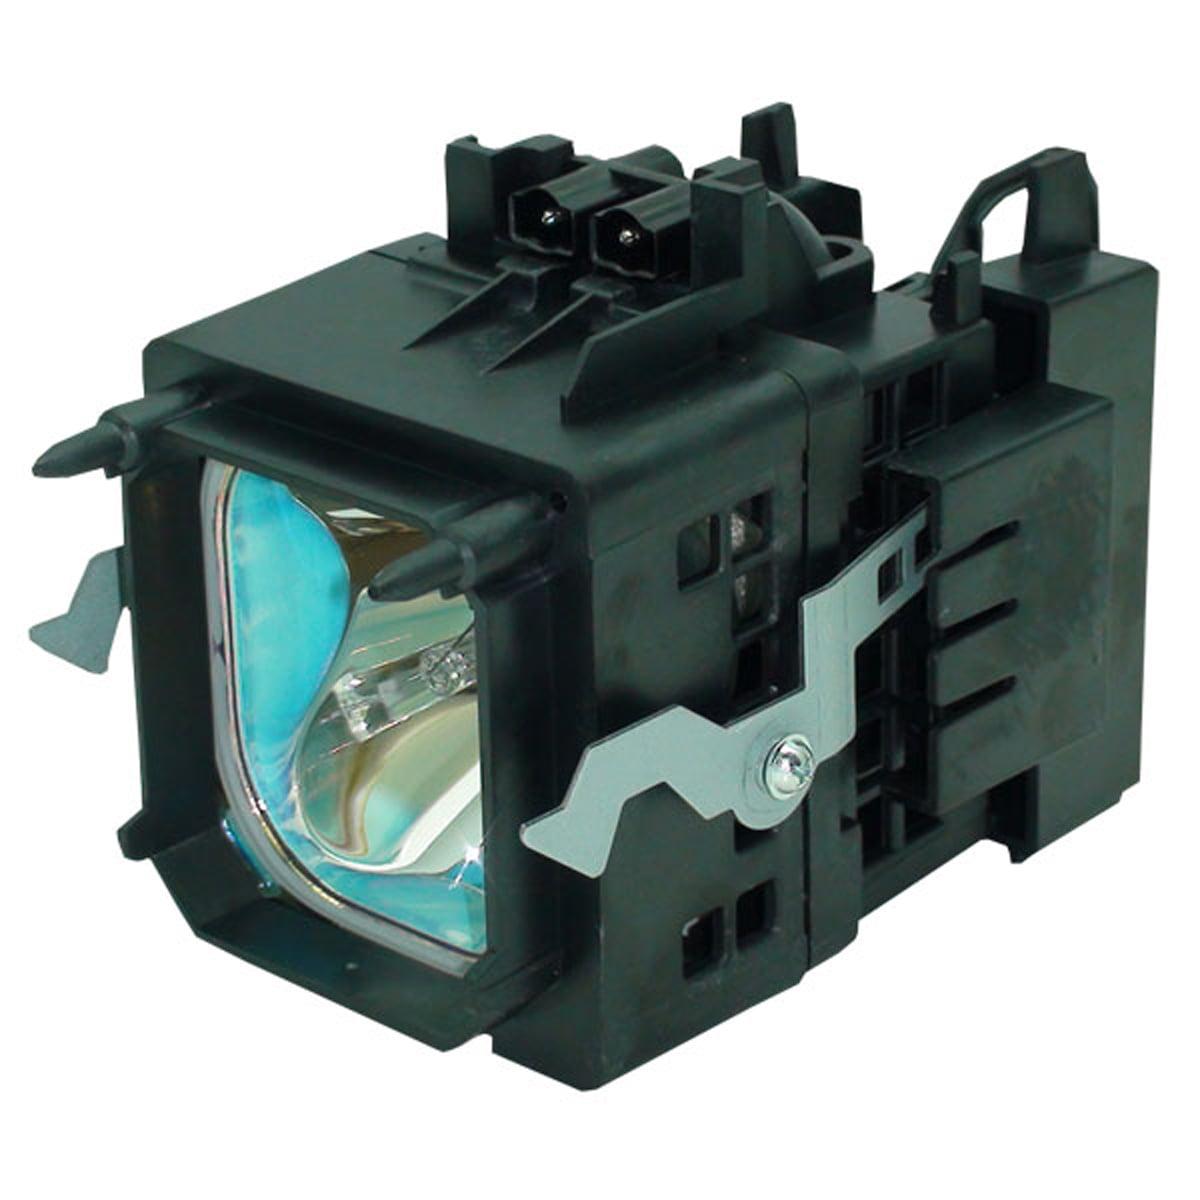 Philips Lamp Housing For Sony KDS-R60XBR1 / KDSR60XBR1 Pr...